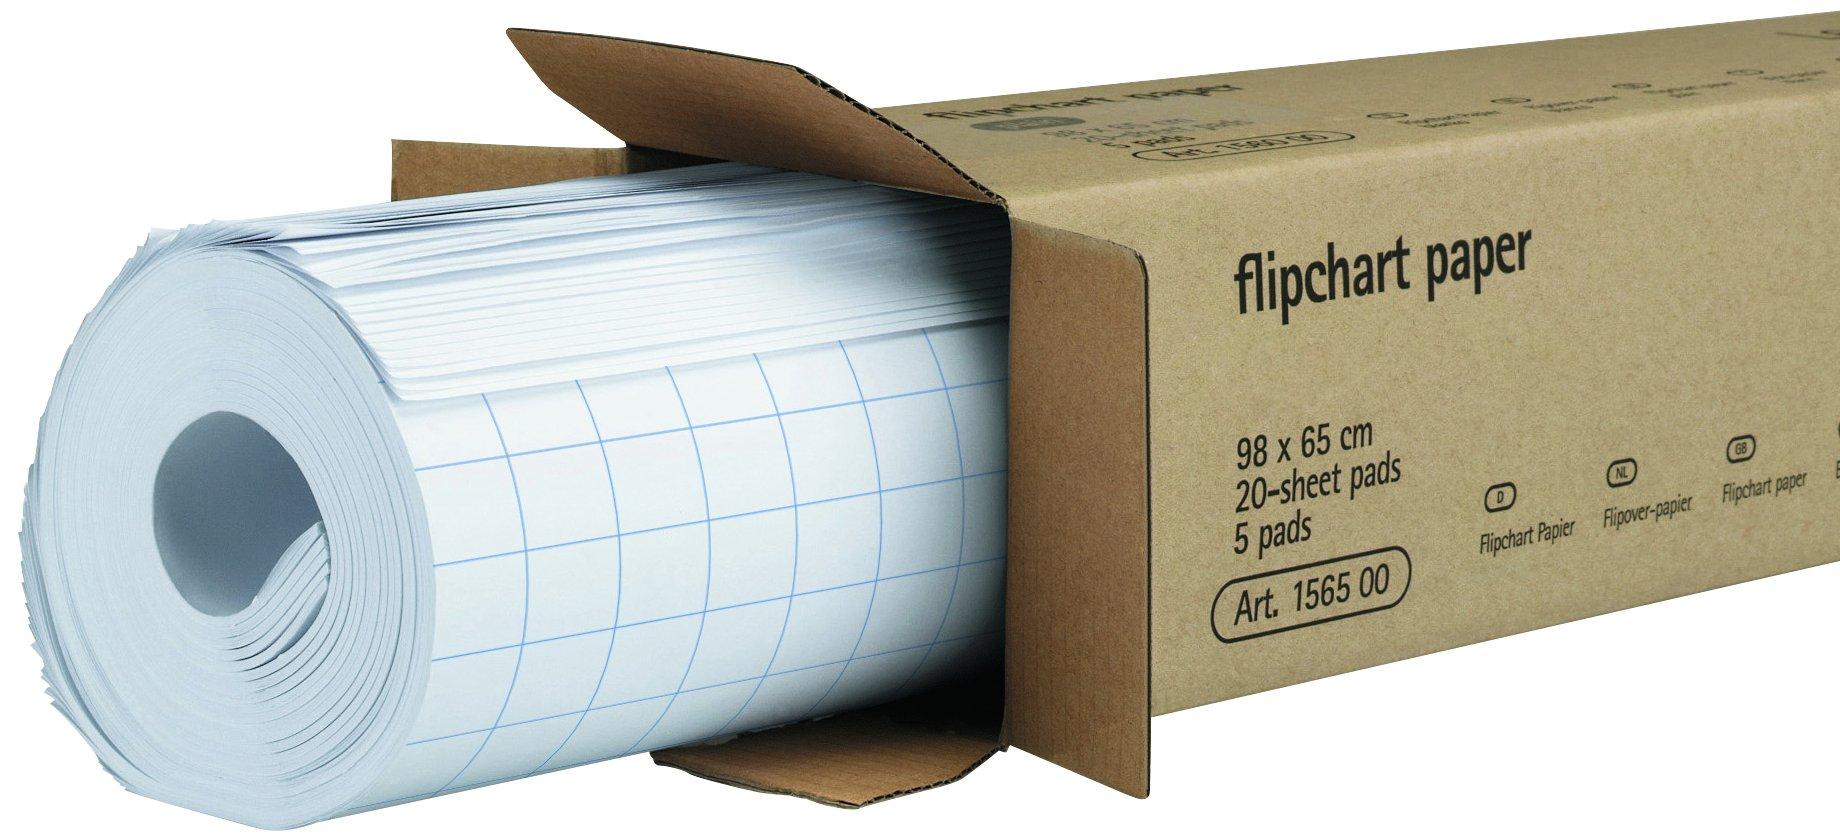 Legamaster Plain Flipchart Gridded - 5 Pack